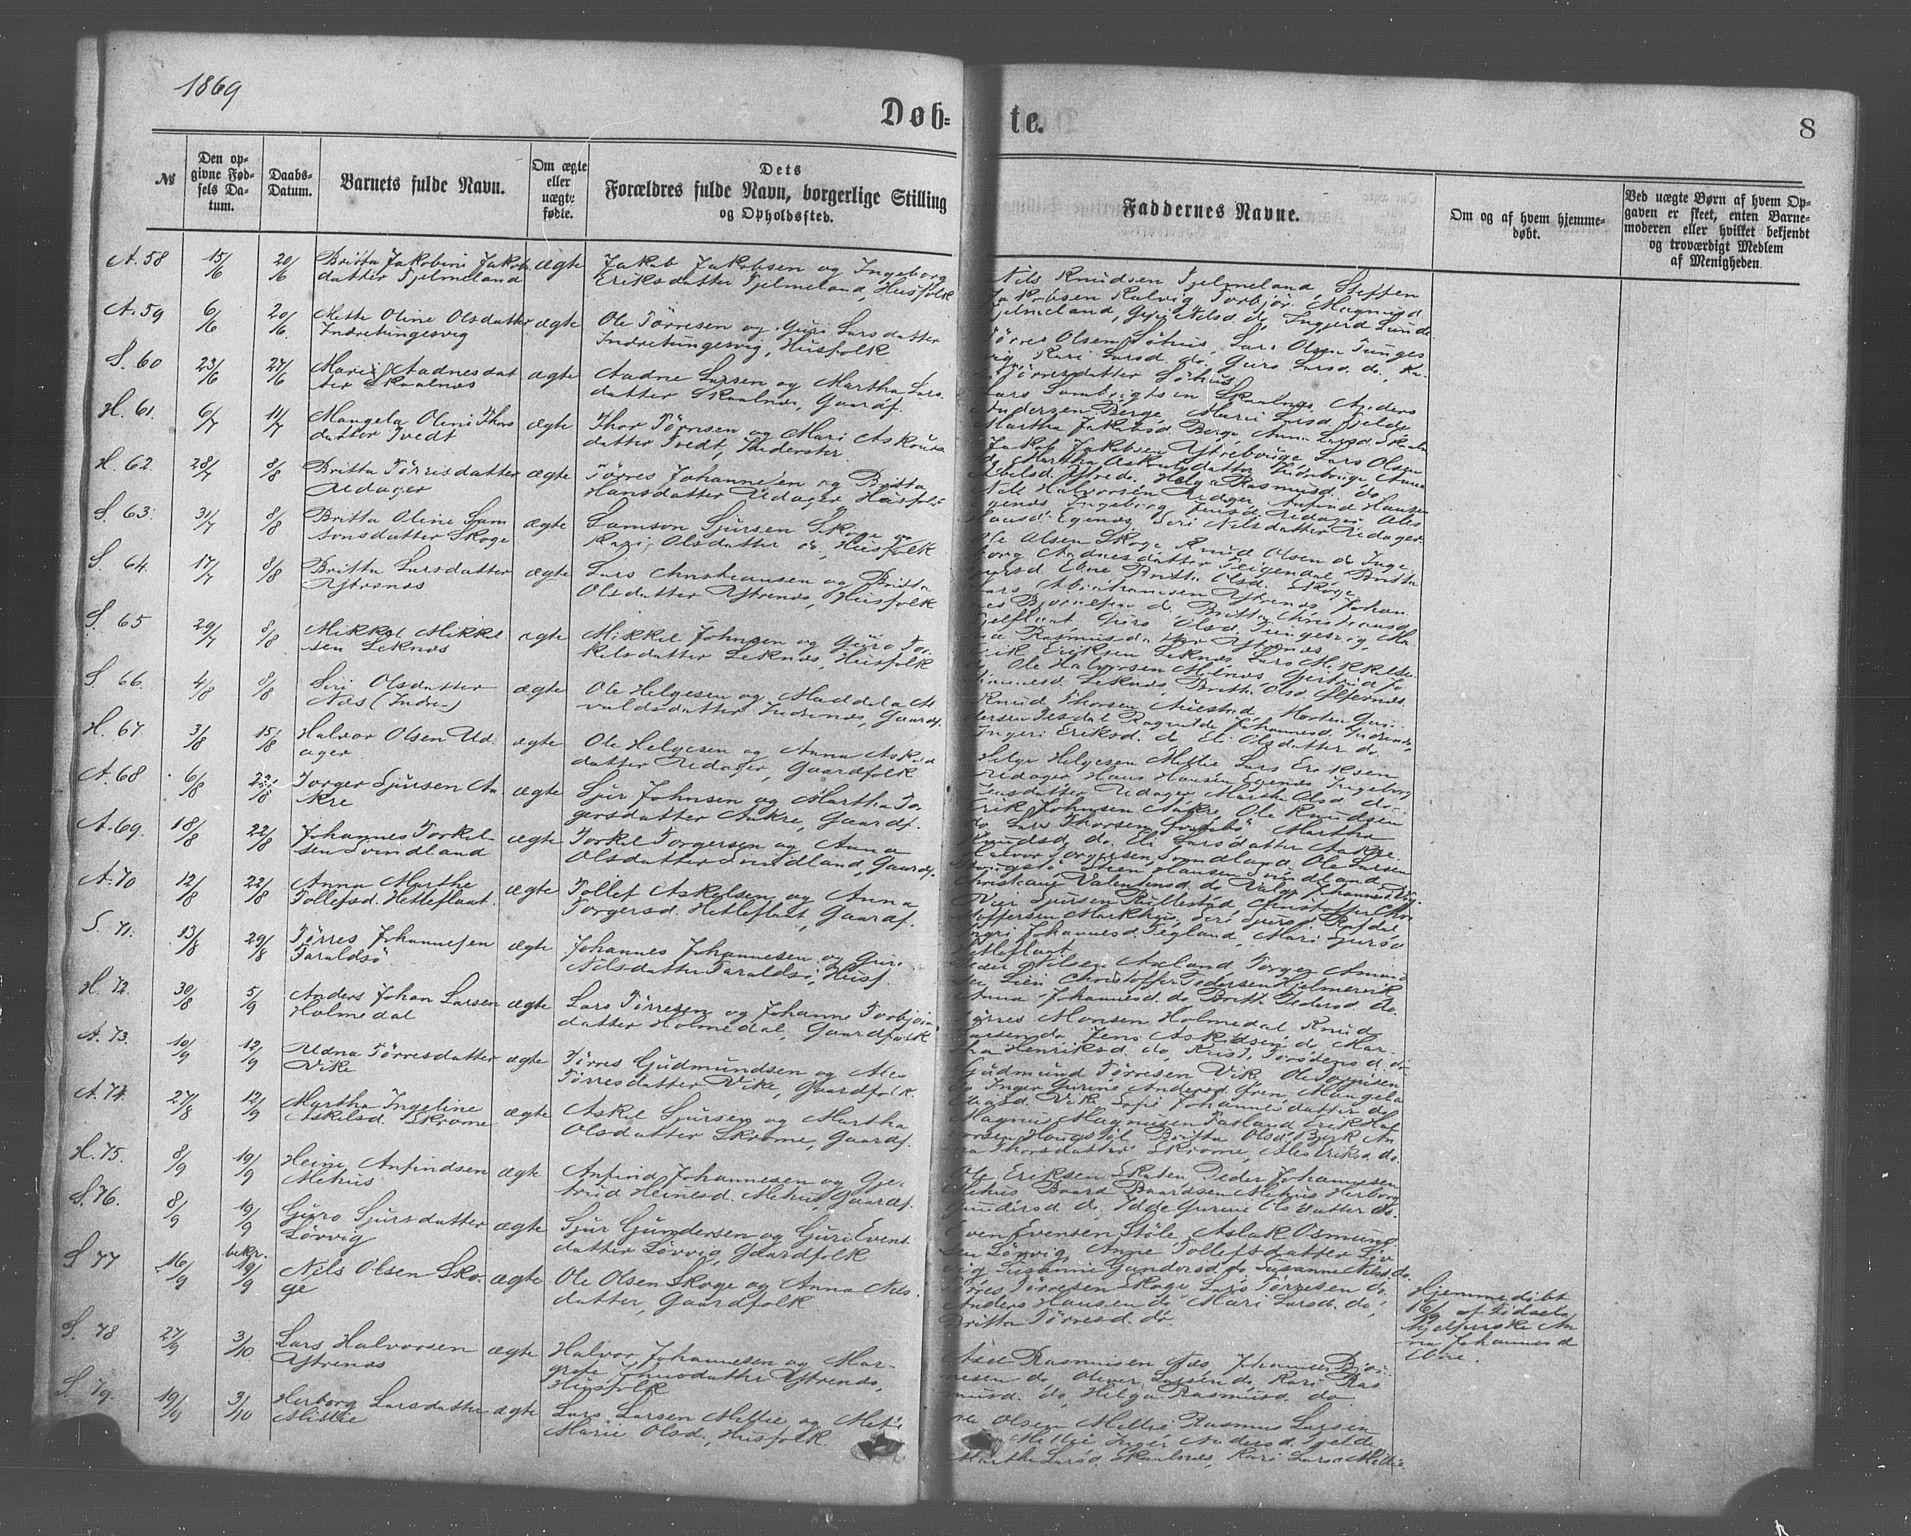 SAB, Skånevik sokneprestembete, H/Haa: Ministerialbok nr. A 6, 1869-1878, s. 8